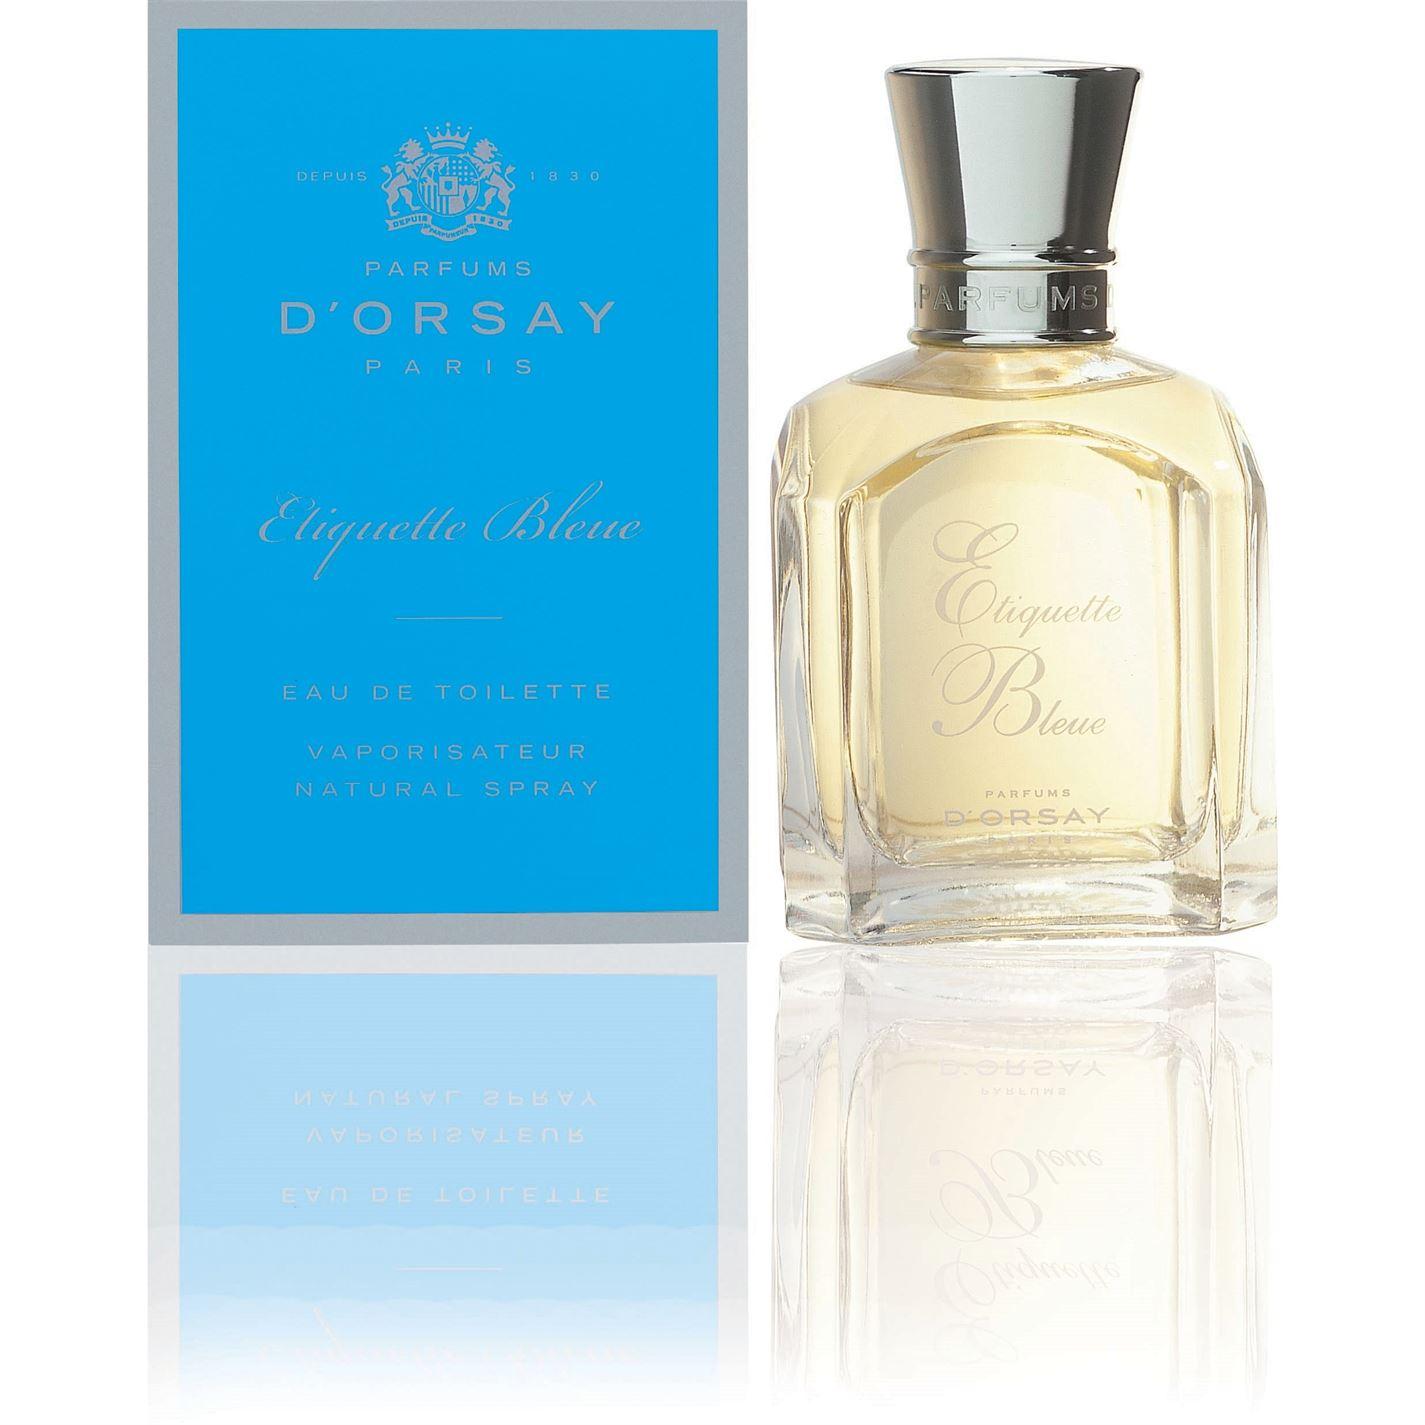 Parfums DOrsay Etiquette Bleue Eau de Toilette 50ml